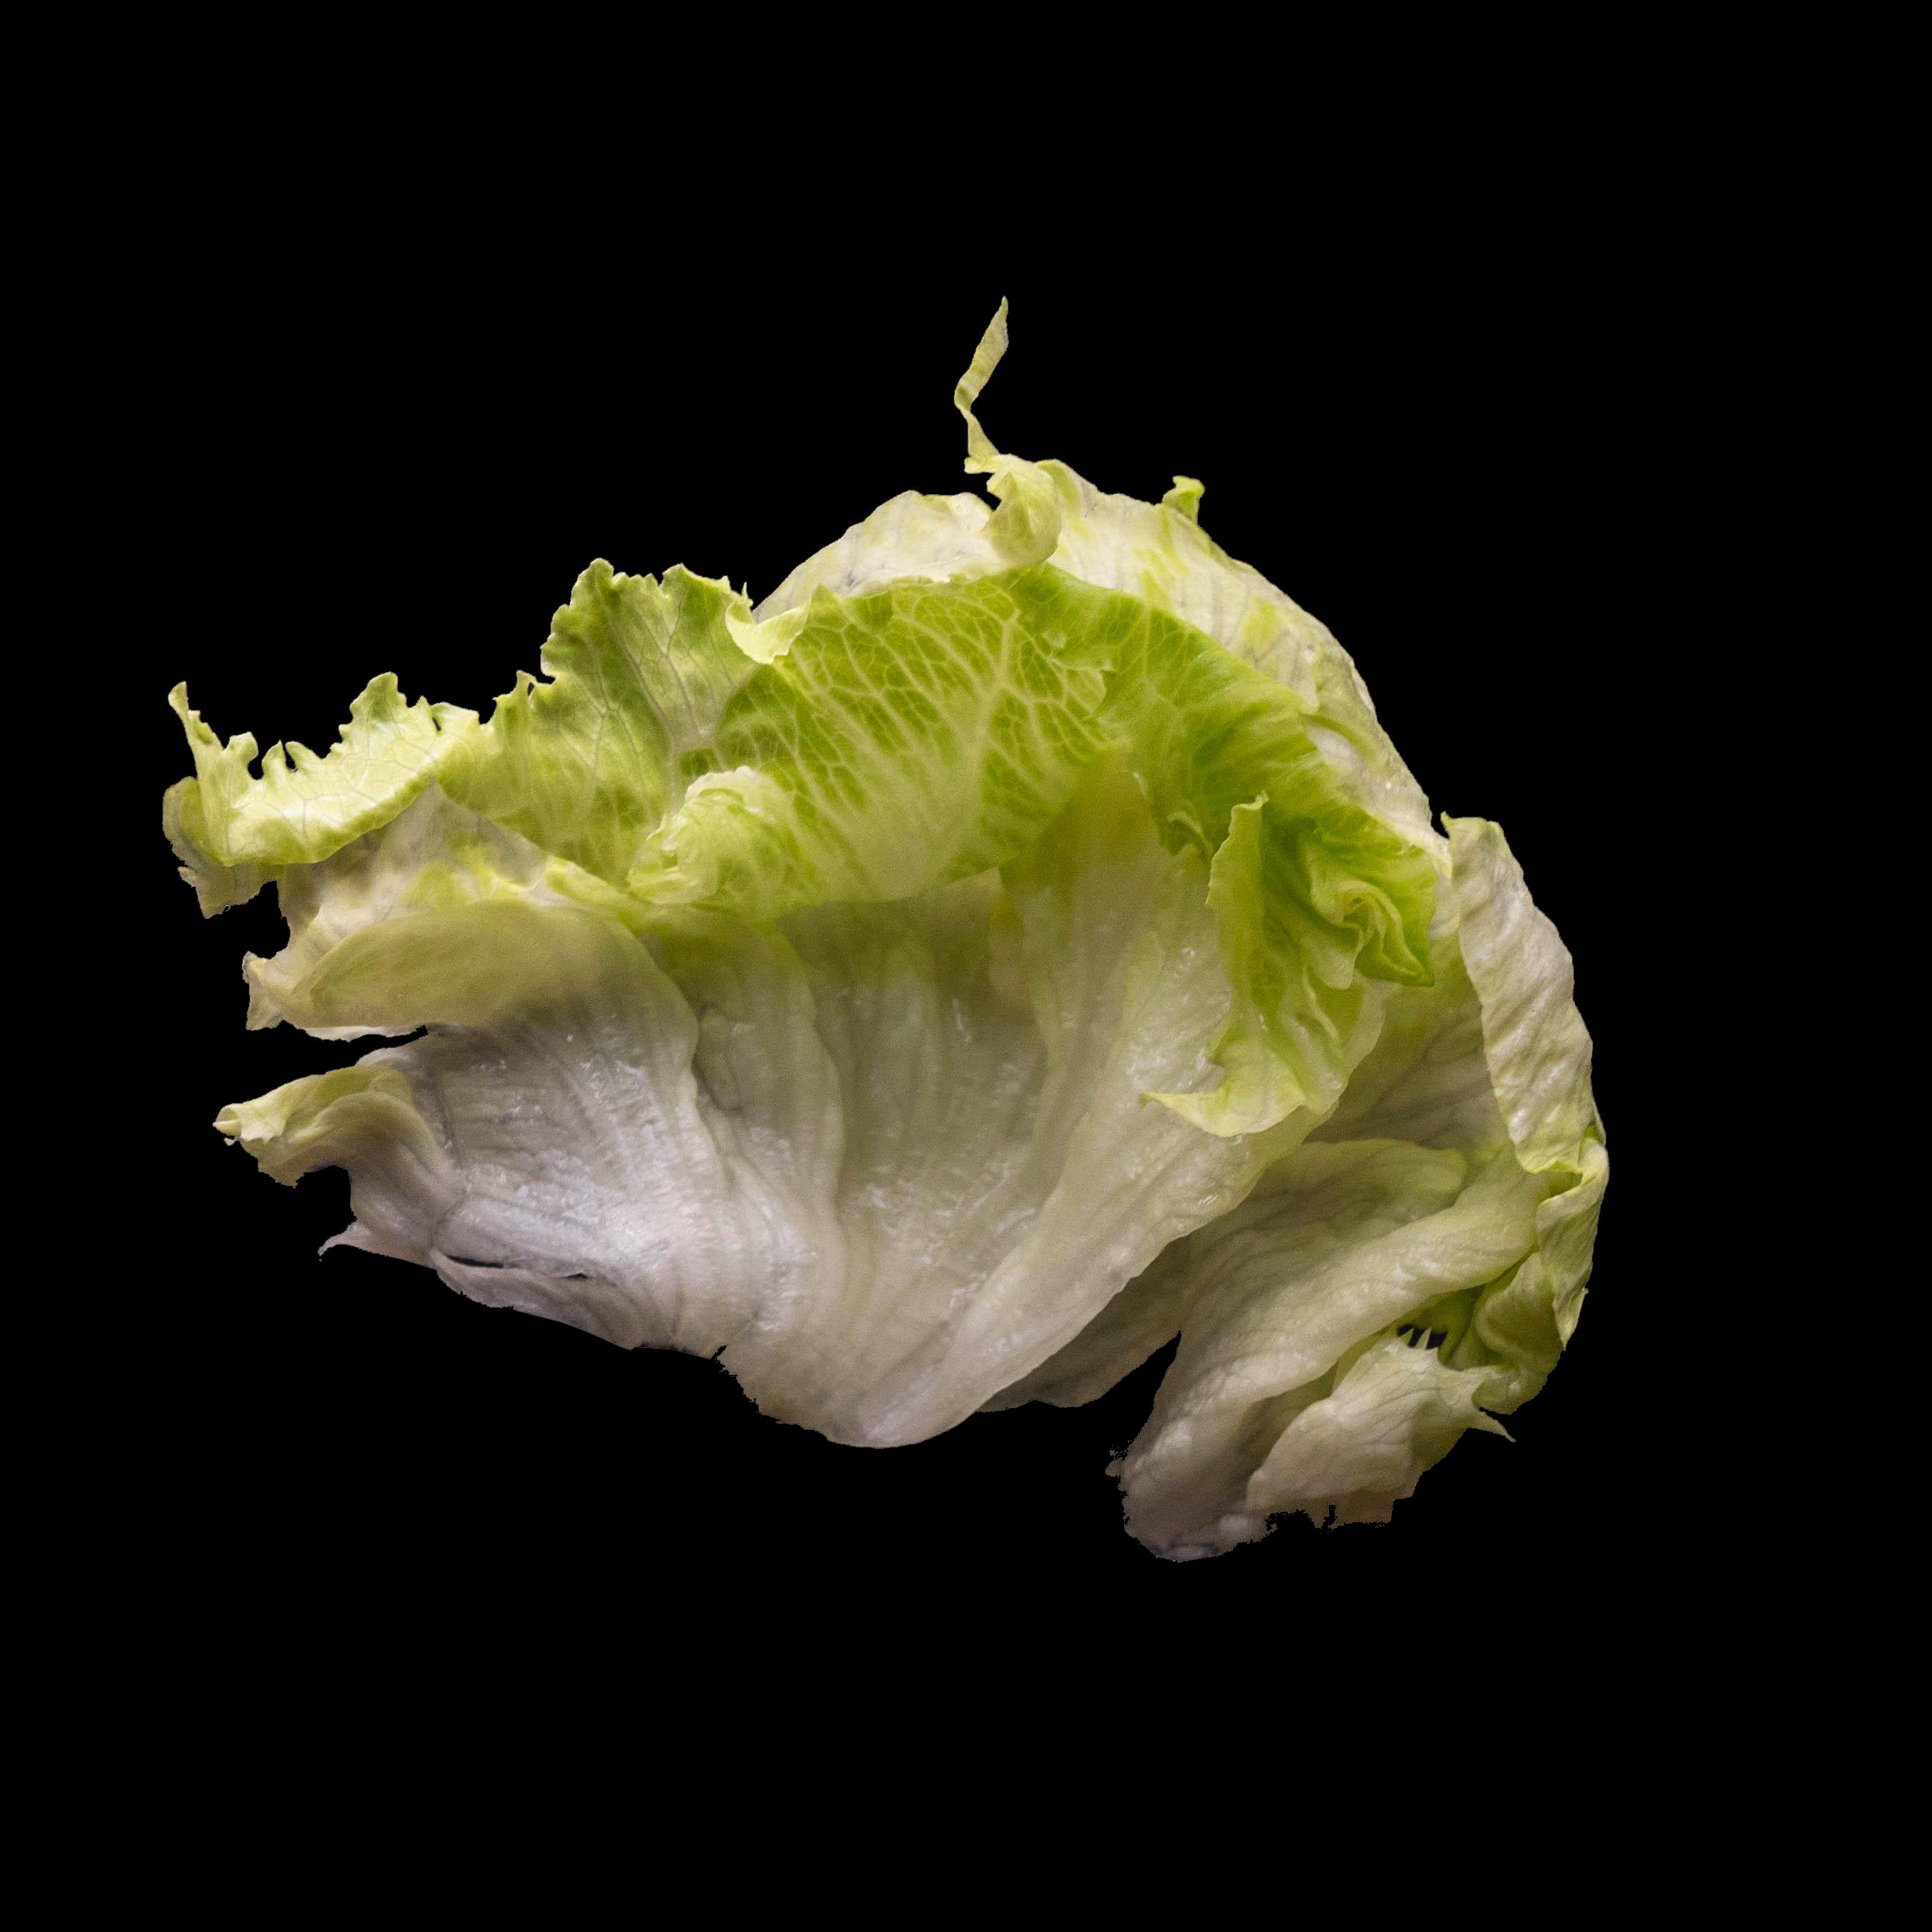 56. 生菜 Lettuce